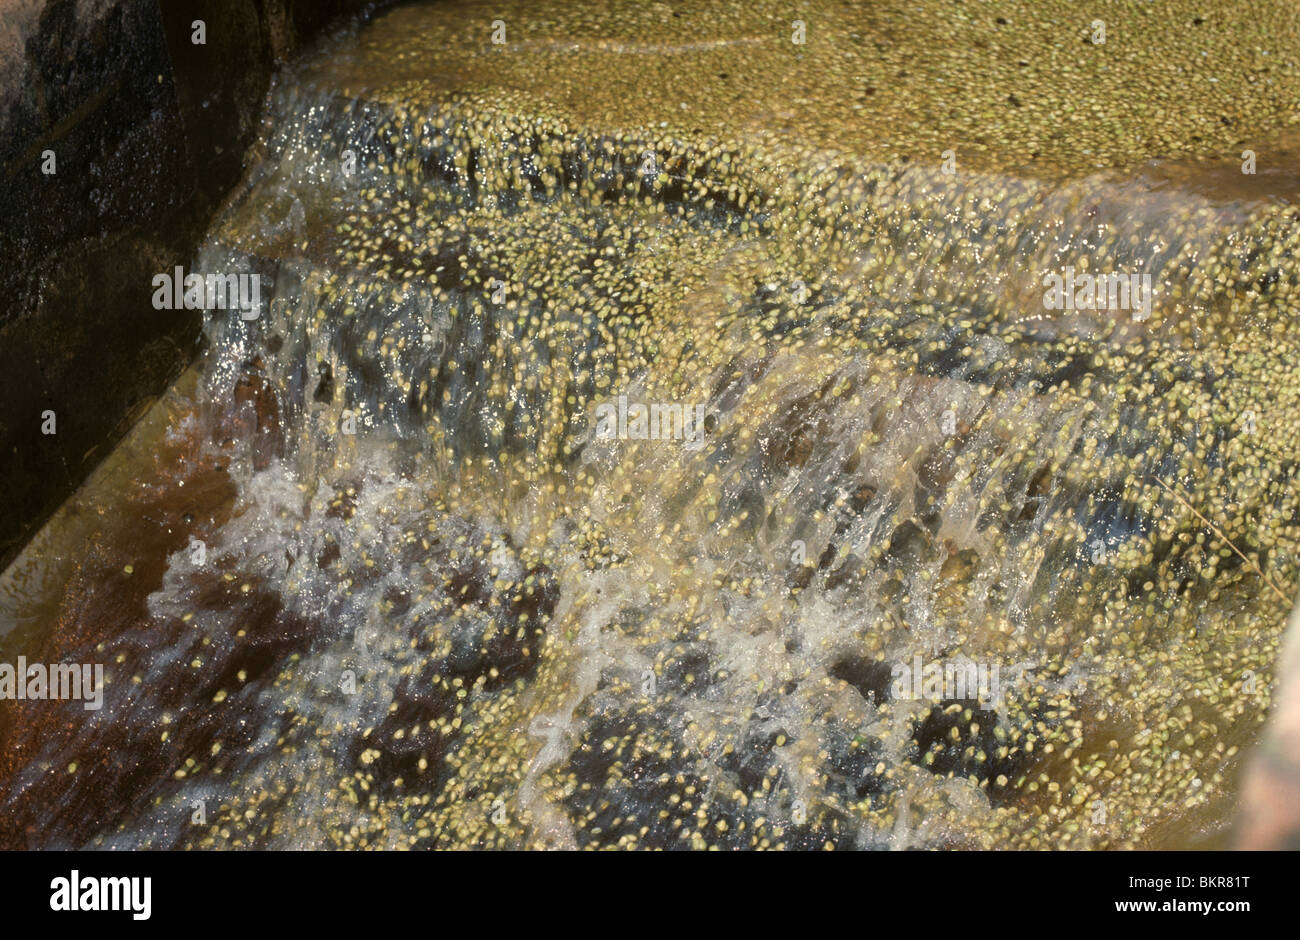 Washing and grading pulped coffee beans, Nairobi, Kenya - Stock Image